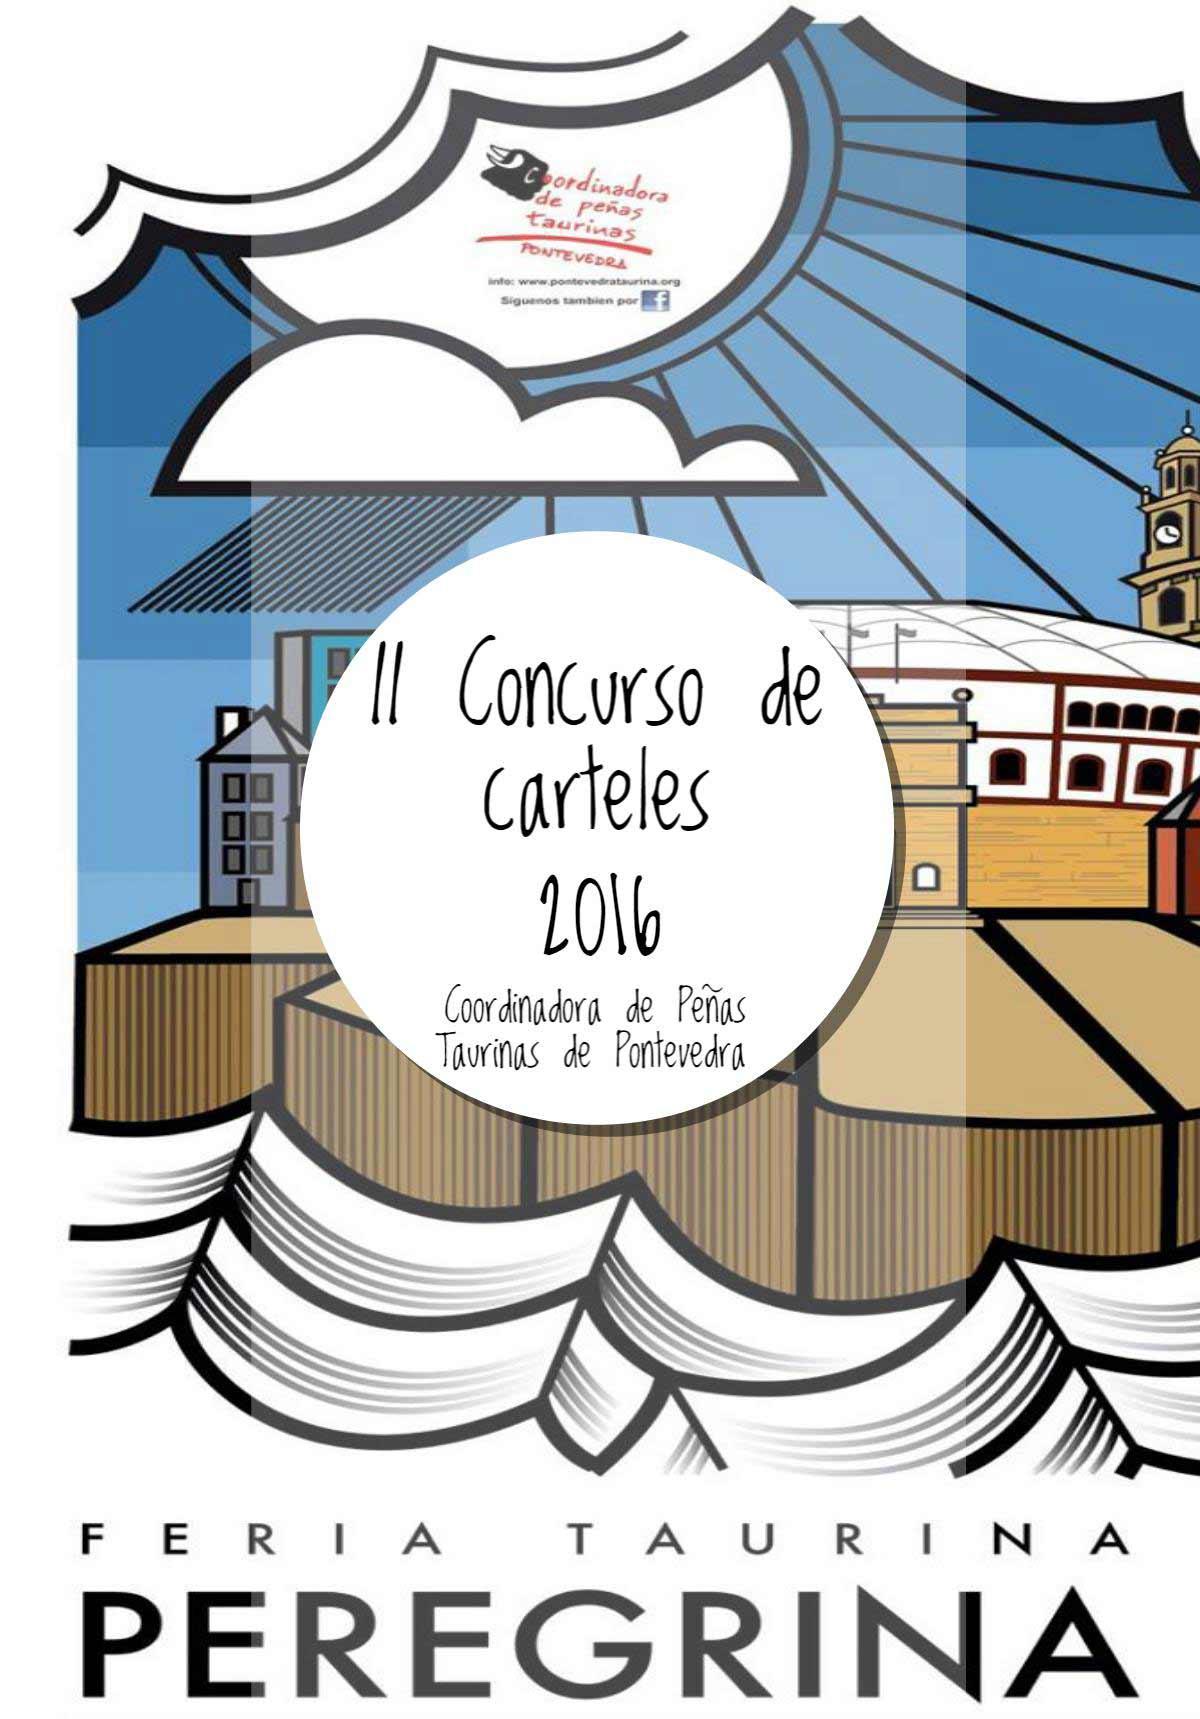 cartel-concurso-carteles-FERIA DE LA PEREGRINA-2016